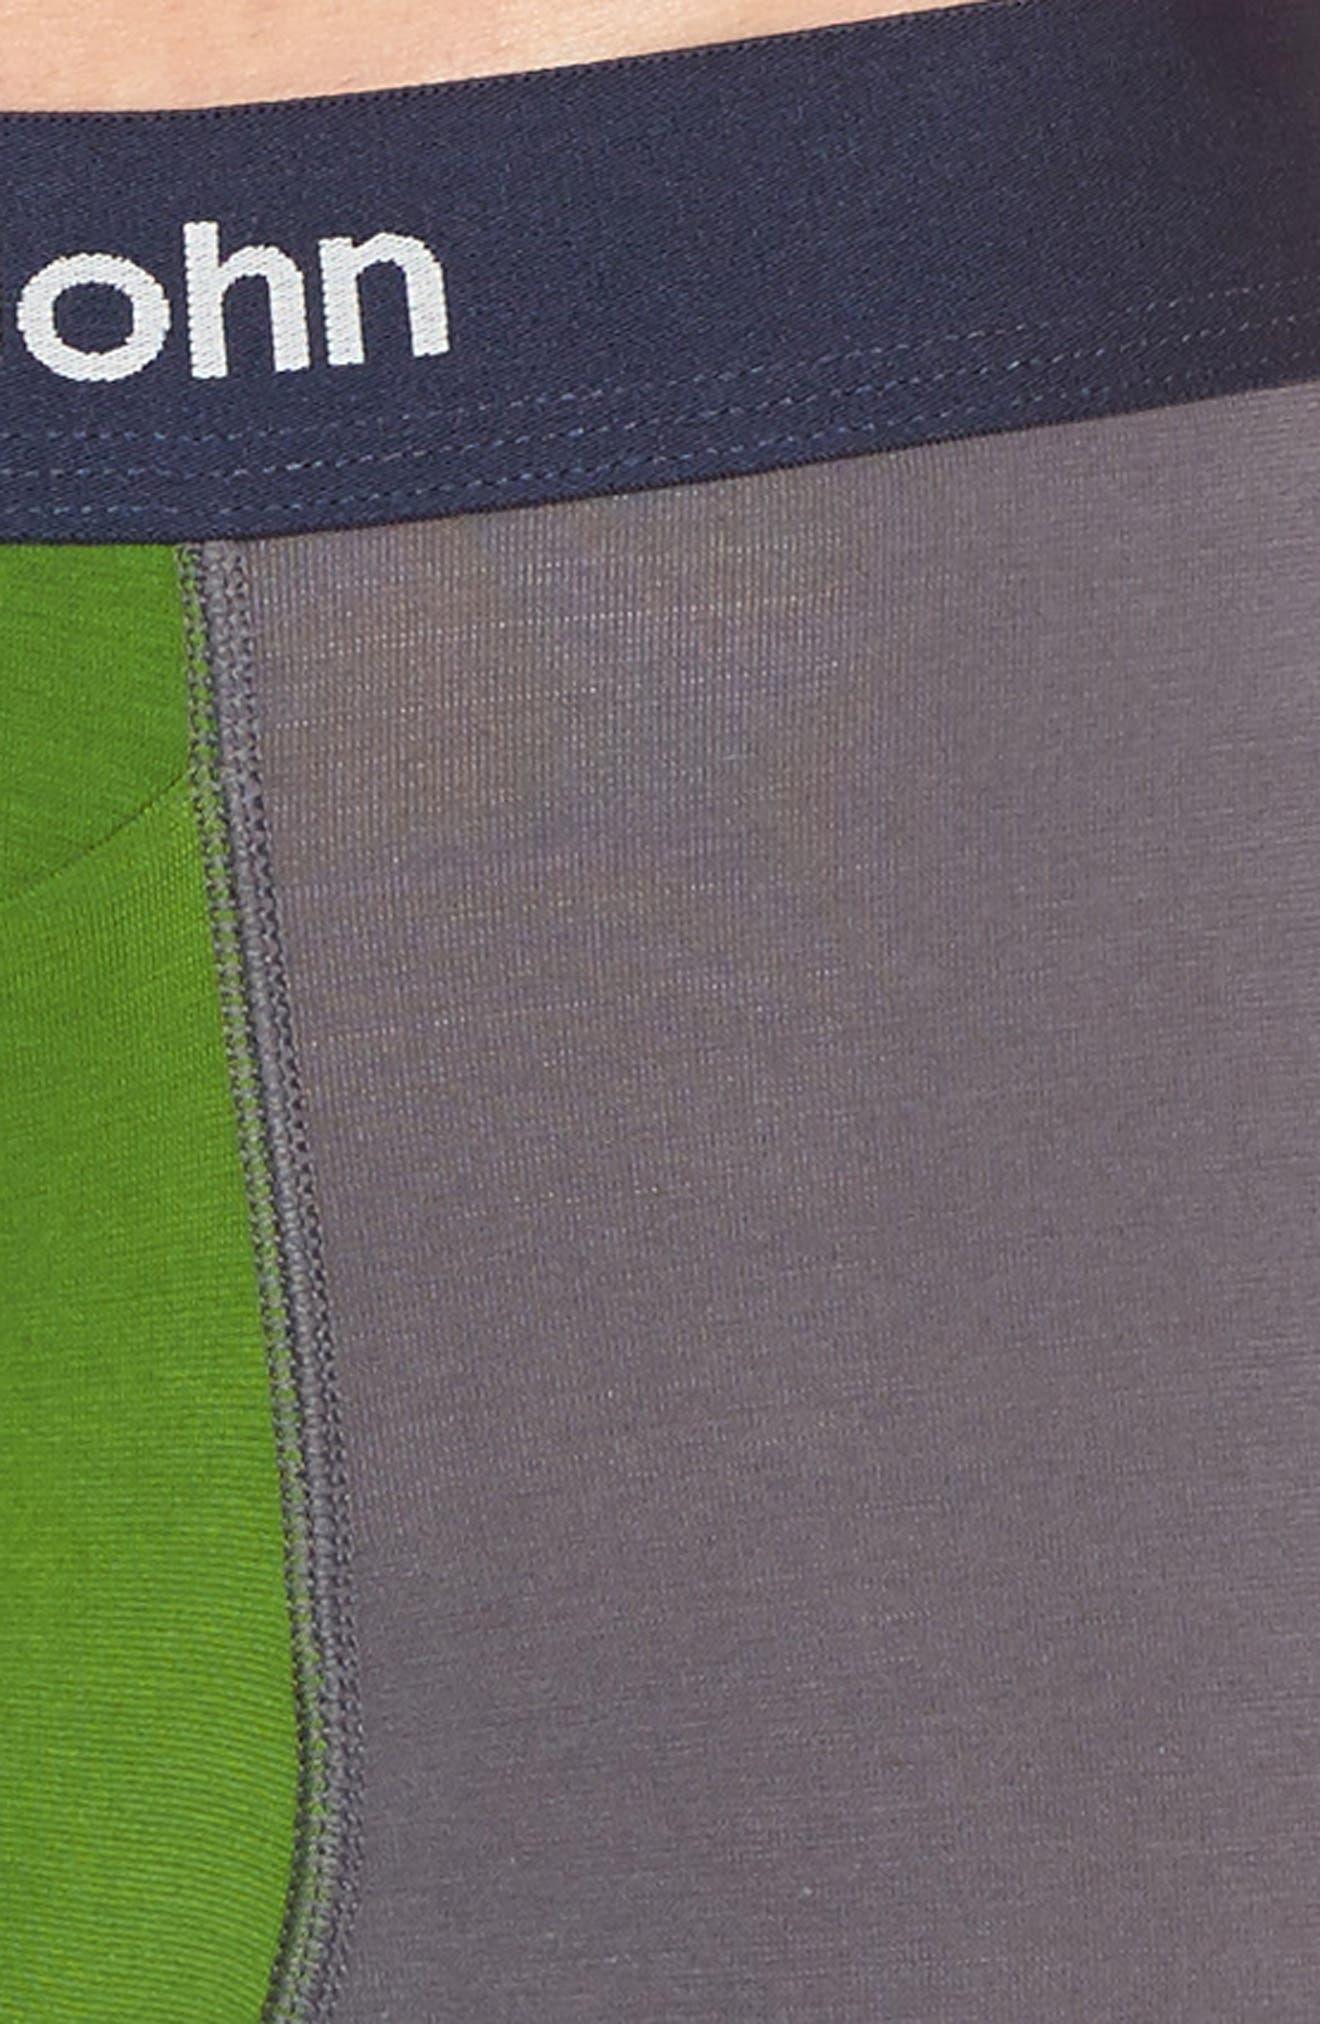 Cool Cotton Blend Boxer Briefs,                             Alternate thumbnail 4, color,                             094